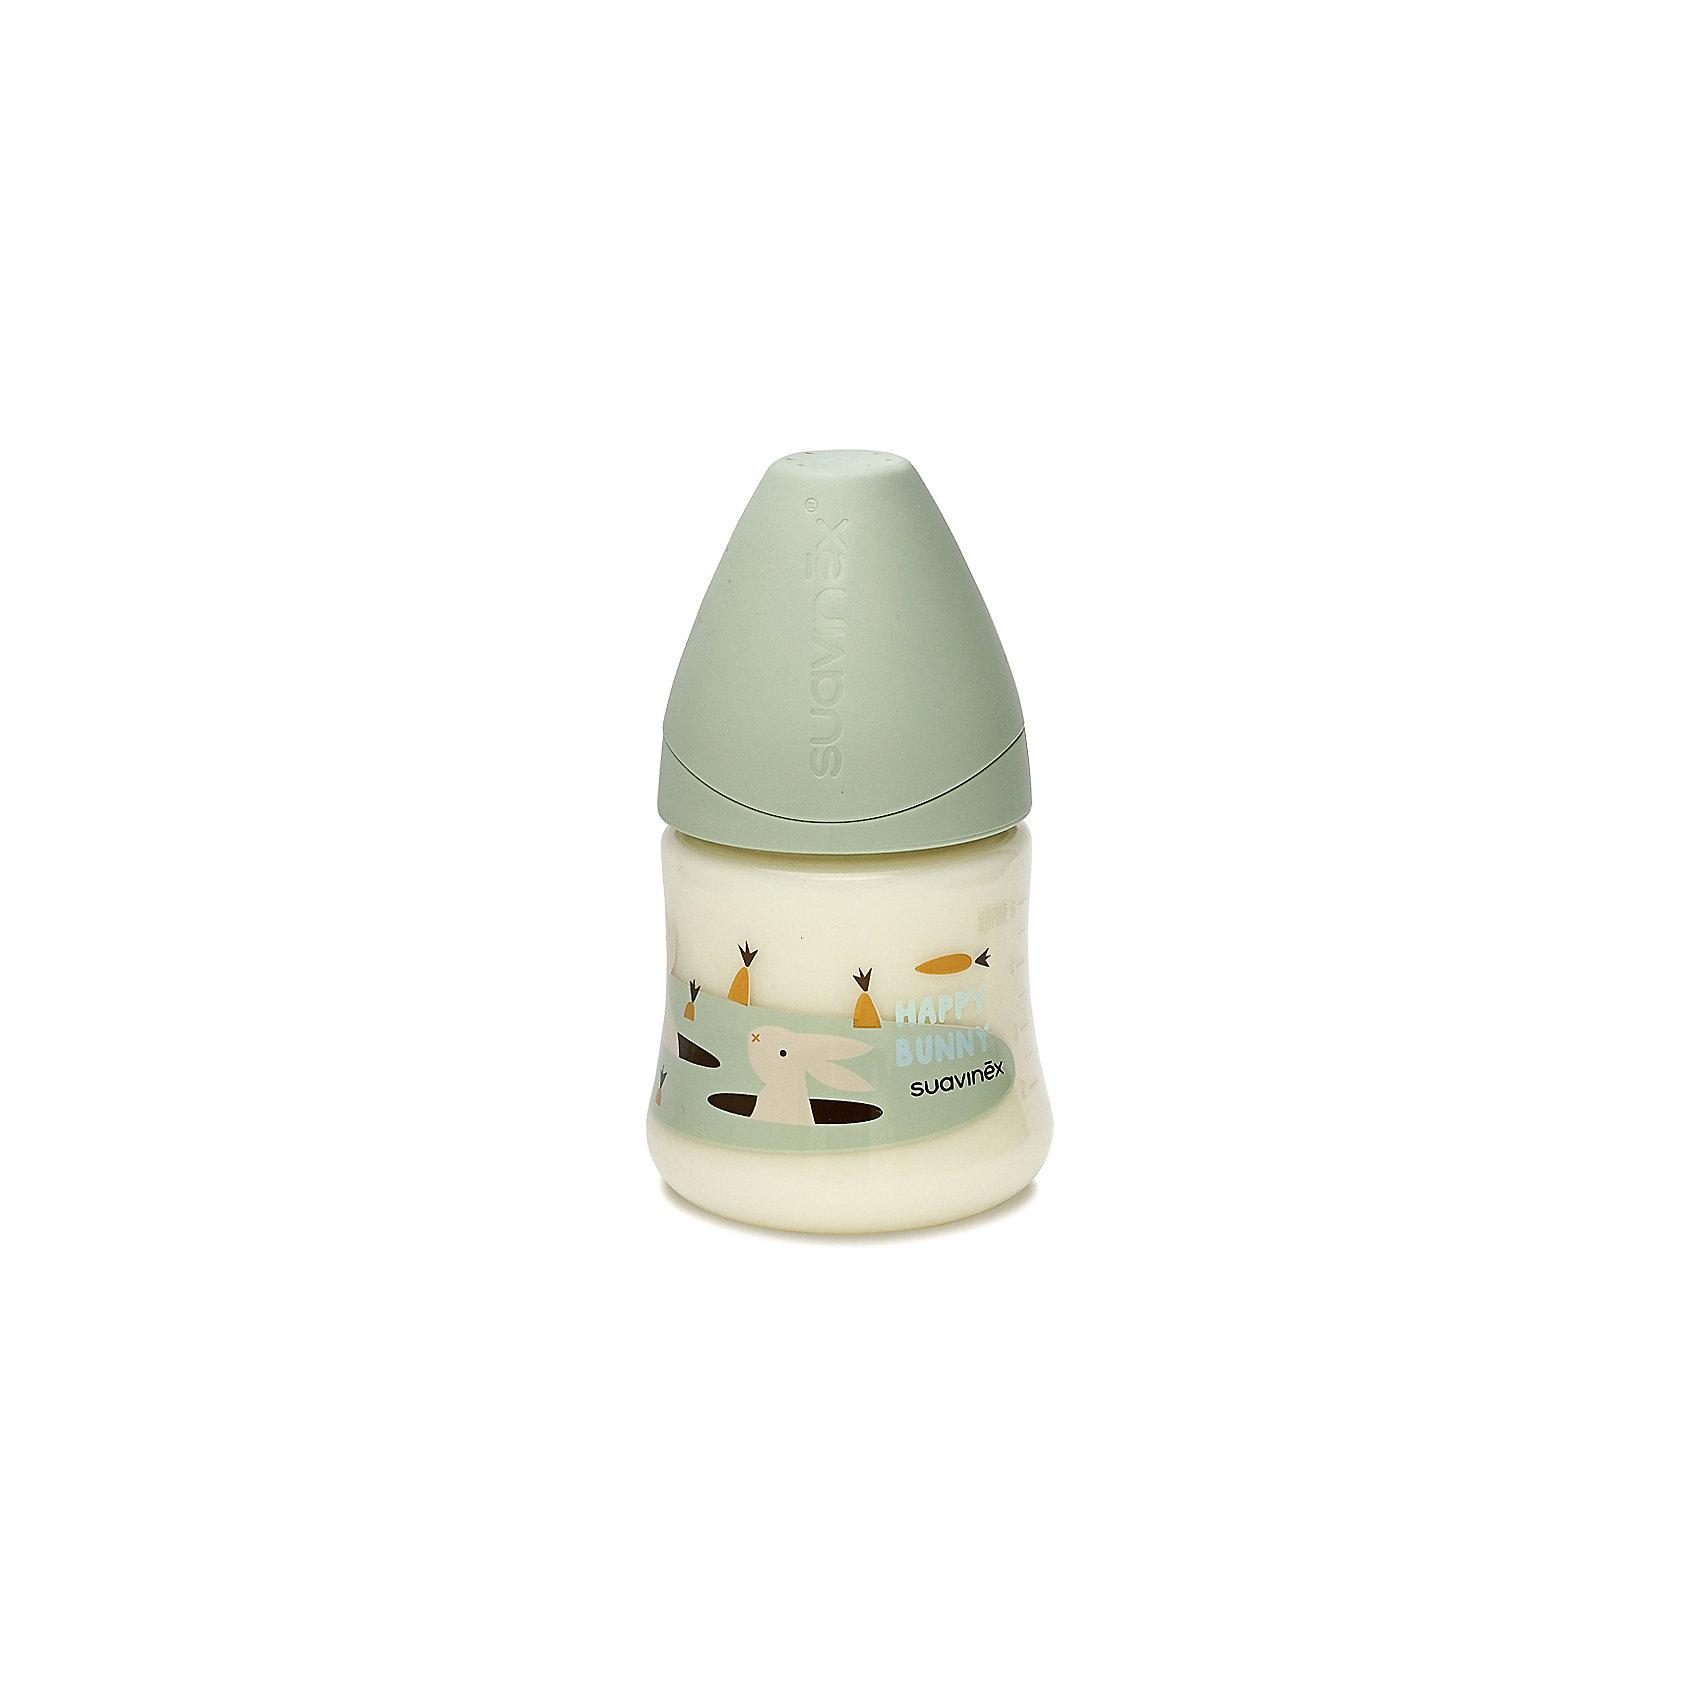 Бутылка 150мл от 0мес до 6мес., Suavinex, зеленый кроликБутылочки и аксессуары<br>Характеристики:<br><br>• Наименование: бутылка для кормления<br>• Рекомендуемый возраст: от 0 до 6 месяцев<br>• Пол: универсальный<br>• Объем: 150 мл<br>• Материал: силикон, пластик<br>• Цвет: зеленый, белый, оранжевый<br>• Рисунок: кролик, морковка<br>• Форма соски: анатомическая<br>• Поток у соски: медленный<br>• Комплектация: бутылочка, соска, колпачок<br>• Наличие антиколикового клапана<br>• Горлышко бутылки адаптировано под любую форму соски данного производителя<br>• Вес: 85 г<br>• Параметры (Д*Ш*В): 7*7*13,3 см <br>• Особенности ухода: регулярная стерилизация и своевременная замена<br><br>Бутылка 150 мл от 0 до 6 мес., Suavinex, зеленый кролик  изготовлена испанским торговым брендом, специализирующимся на выпуске товаров для кормления новорожденных и младенцев. Продукция от Suavinex разработана с учетом рекомендаций педиатров и стоматологов, что гарантирует не только качество и безопасность использованных материалов, но и обеспечивает правильное формирование неба. <br><br>Бутылочка выполнена с широким горлышком, что облегчает уход за ней. Силиконовая соска анатомической формы длительное время сохраняет свои свойства: не рассасывается и не слипается во время кормления. <br><br>Бутылка 150 мл от 0 до 6 мес., Suavinex, зеленый кролик  выполнена в брендовом дизайне с изображением выглядывающего из норы кролика. Рисунок устойчив к появлениям царапин и выгоранию цвета даже при частой стерилизации. Бутылка 150 мл от 0 до 6 мес., Suavinex, зеленый кролик станет непревзойденным аксессуаром для кормления вашего малыша.<br><br>Бутылку 150 мл от 0 до 6 мес., Suavinex, зеленый кролик можно купить в нашем интернет-магазине.<br><br>Ширина мм: 70<br>Глубина мм: 70<br>Высота мм: 133<br>Вес г: 85<br>Возраст от месяцев: 0<br>Возраст до месяцев: 6<br>Пол: Унисекс<br>Возраст: Детский<br>SKU: 5451227